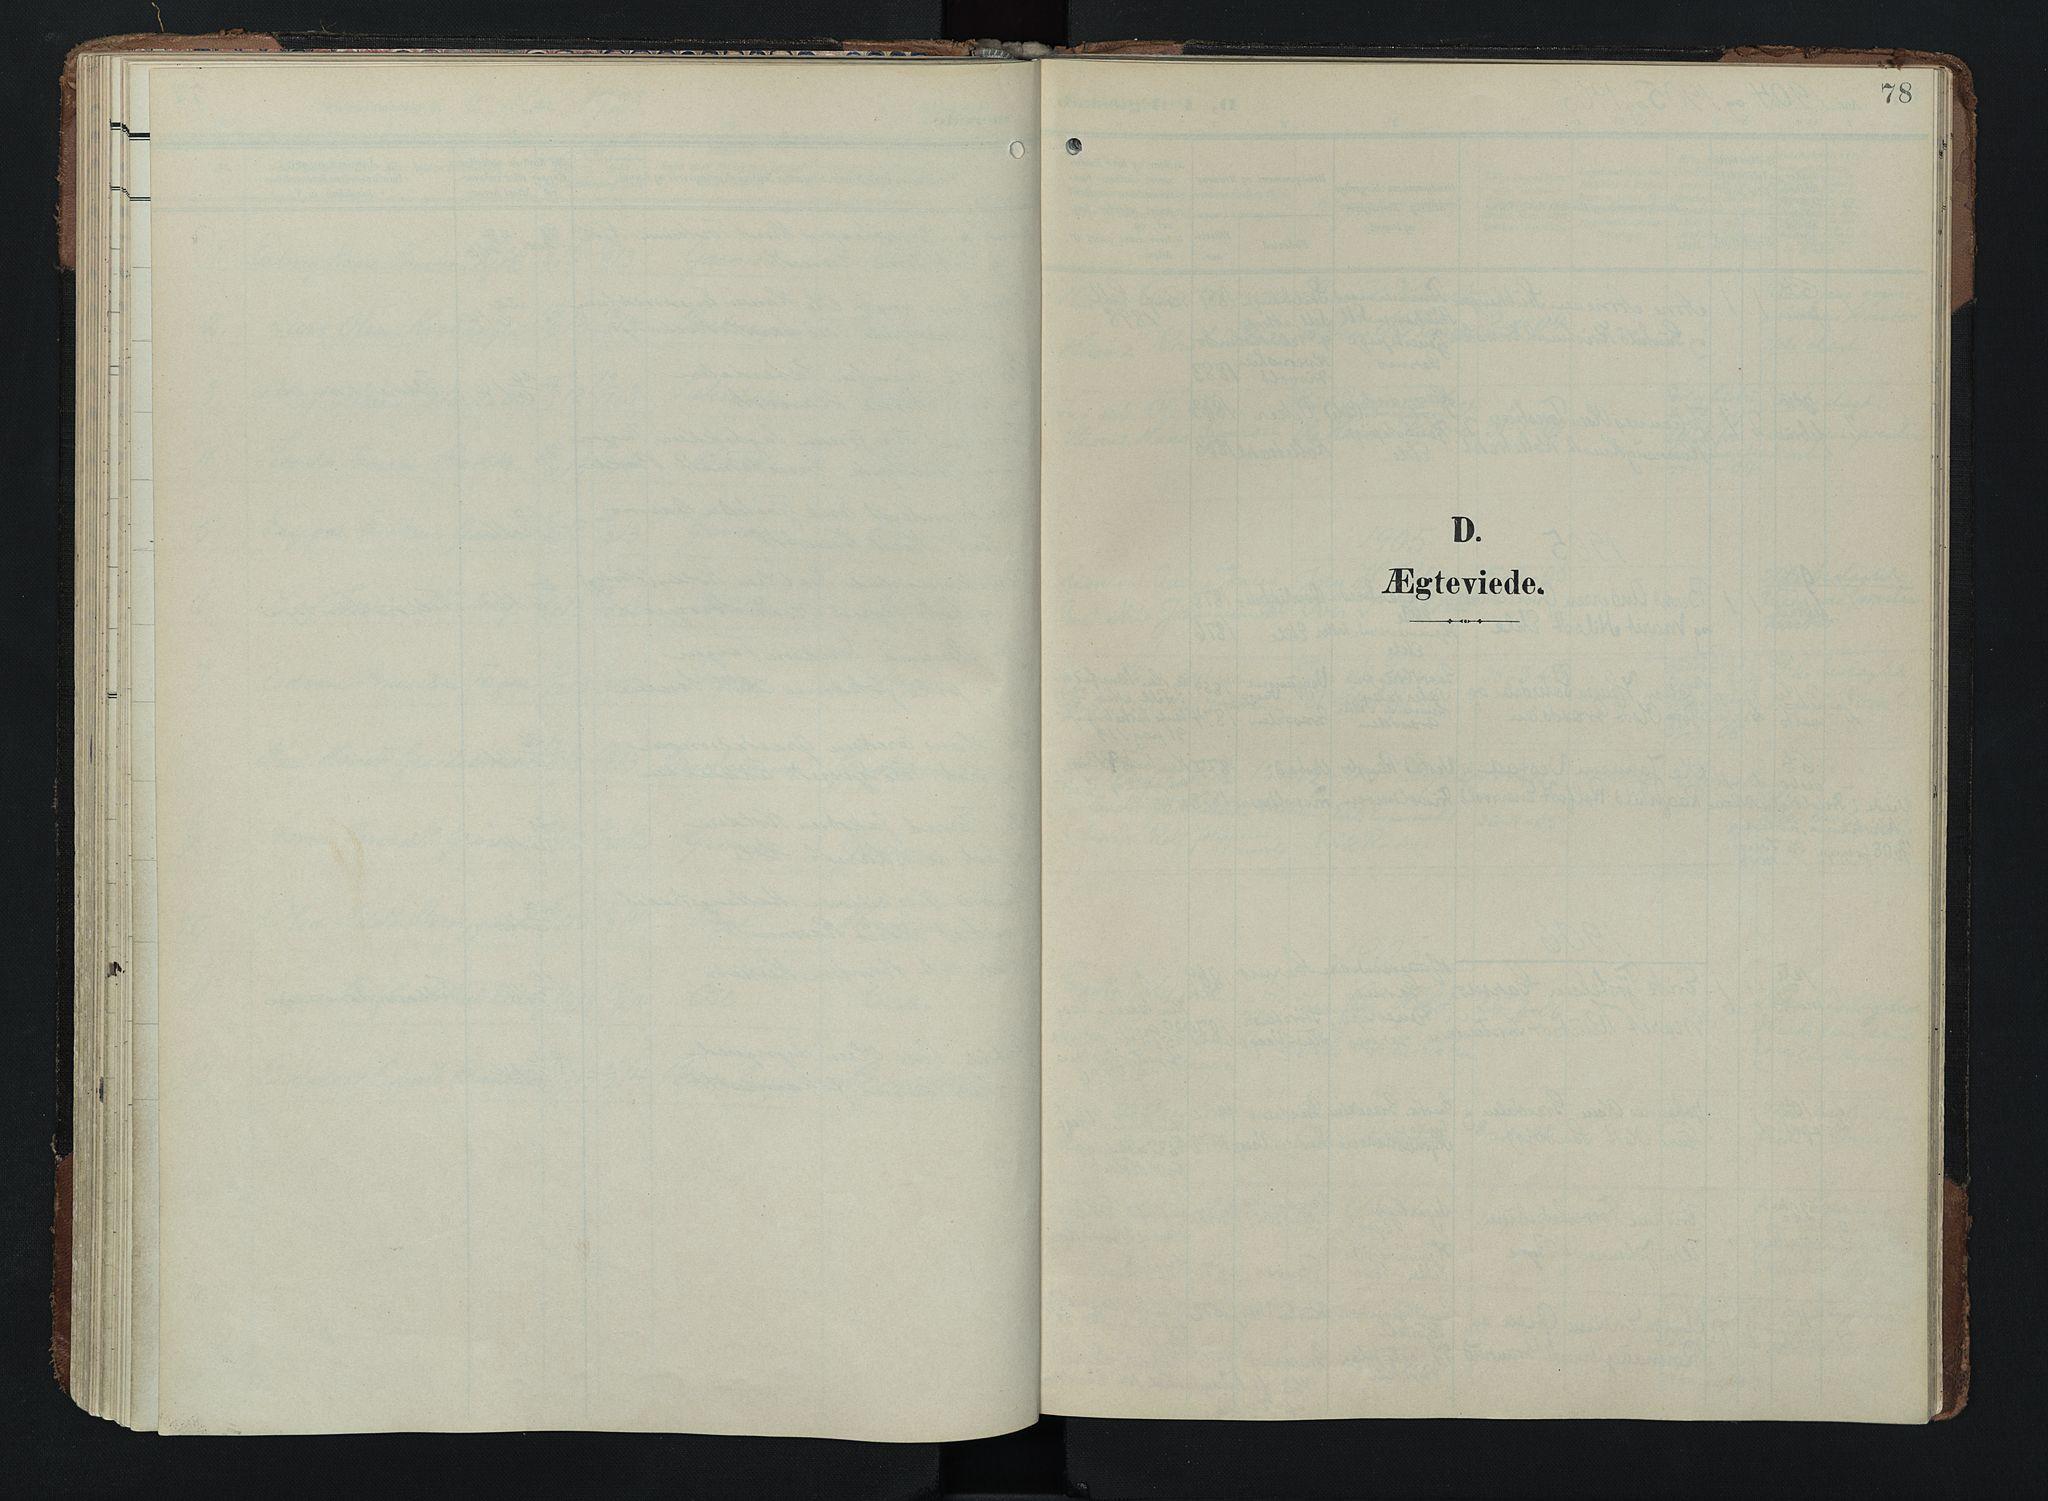 SAH, Lom prestekontor, K/L0011: Ministerialbok nr. 11, 1904-1928, s. 78